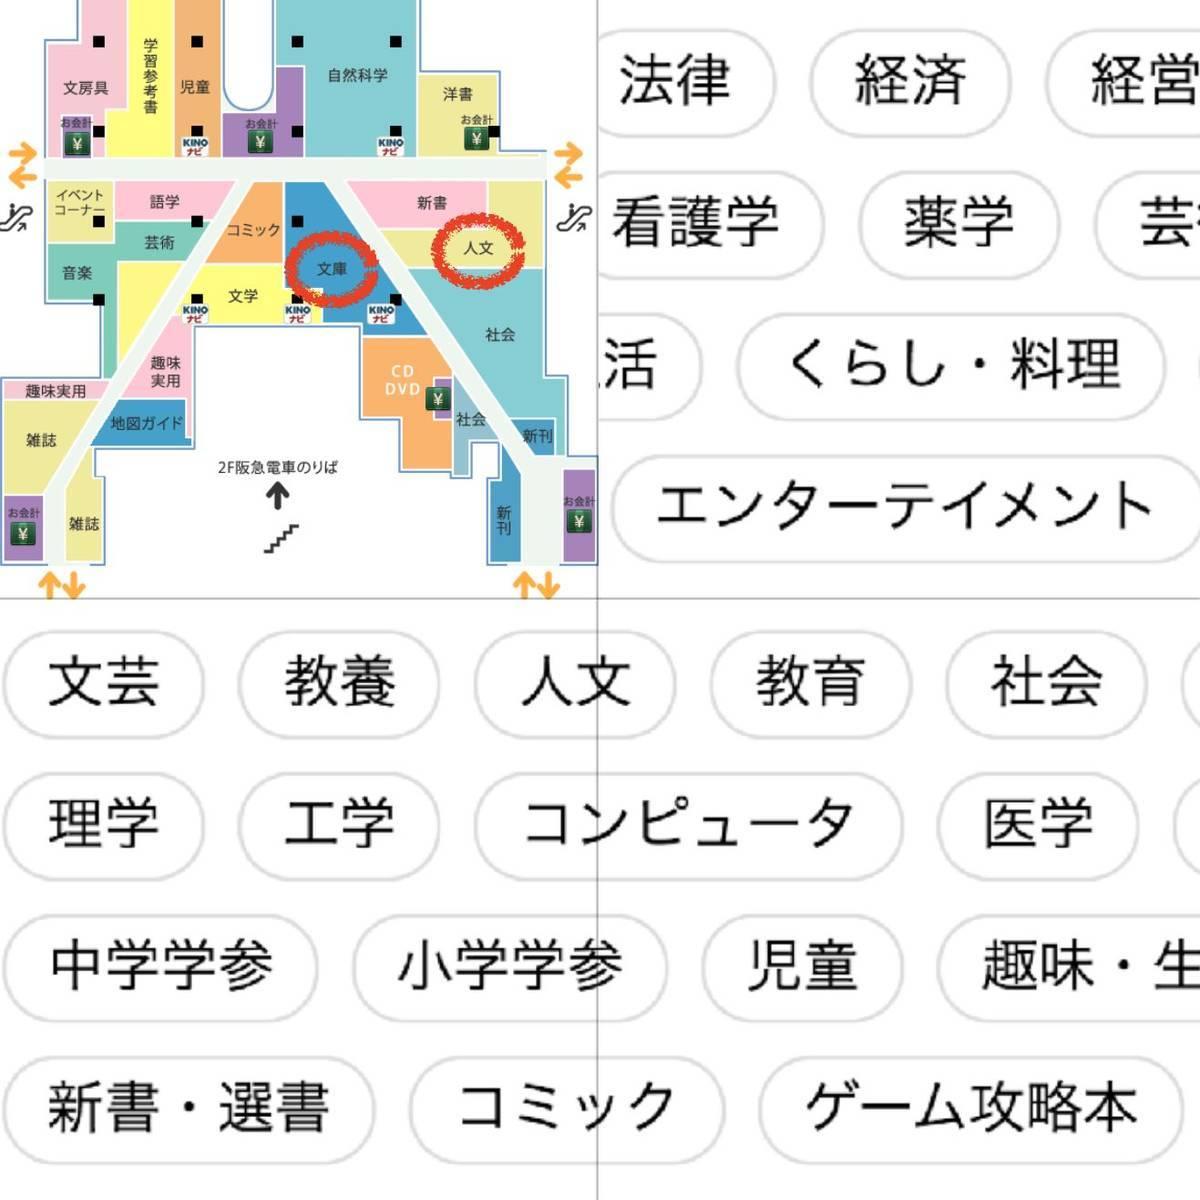 f:id:kaedetaniyoshi:20201019030100j:plain